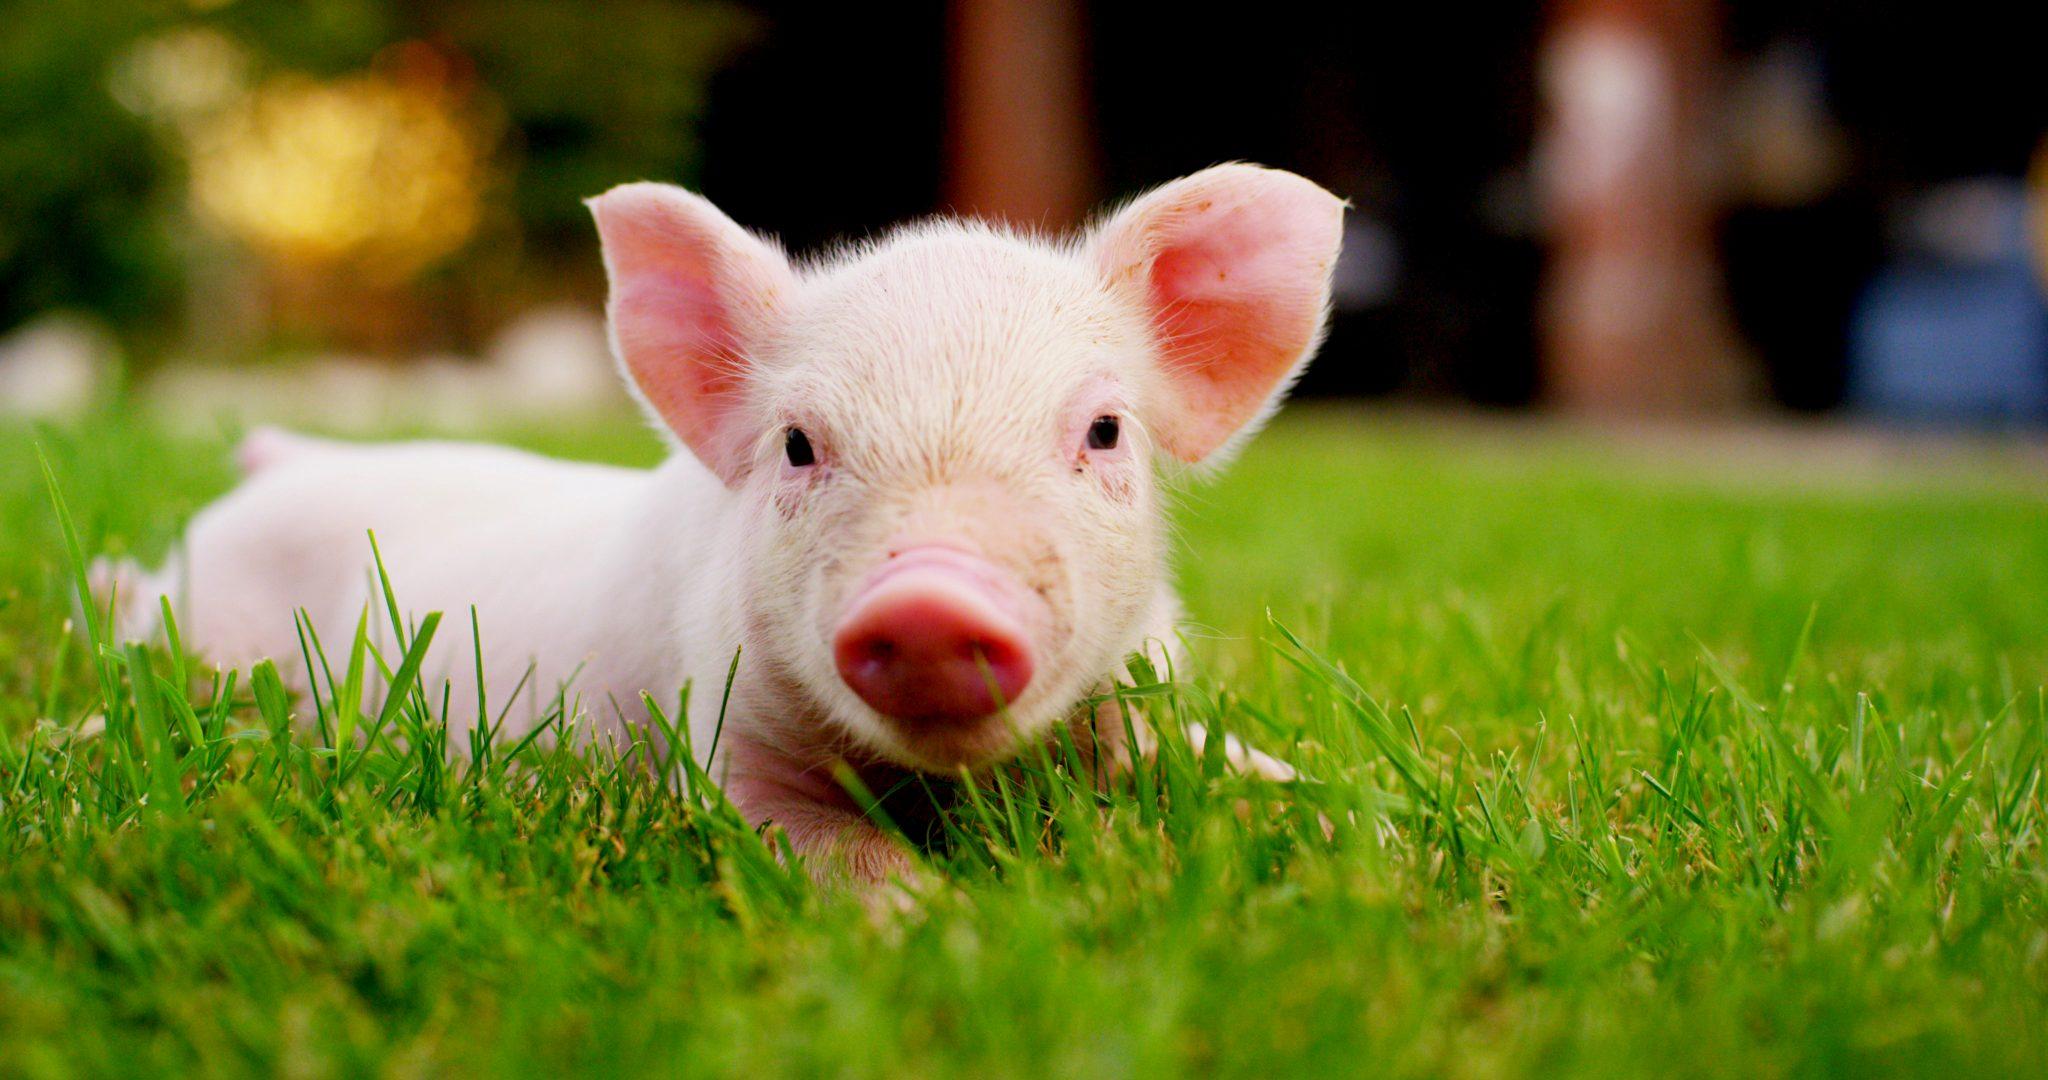 子豚が芝生でくつろいでいる